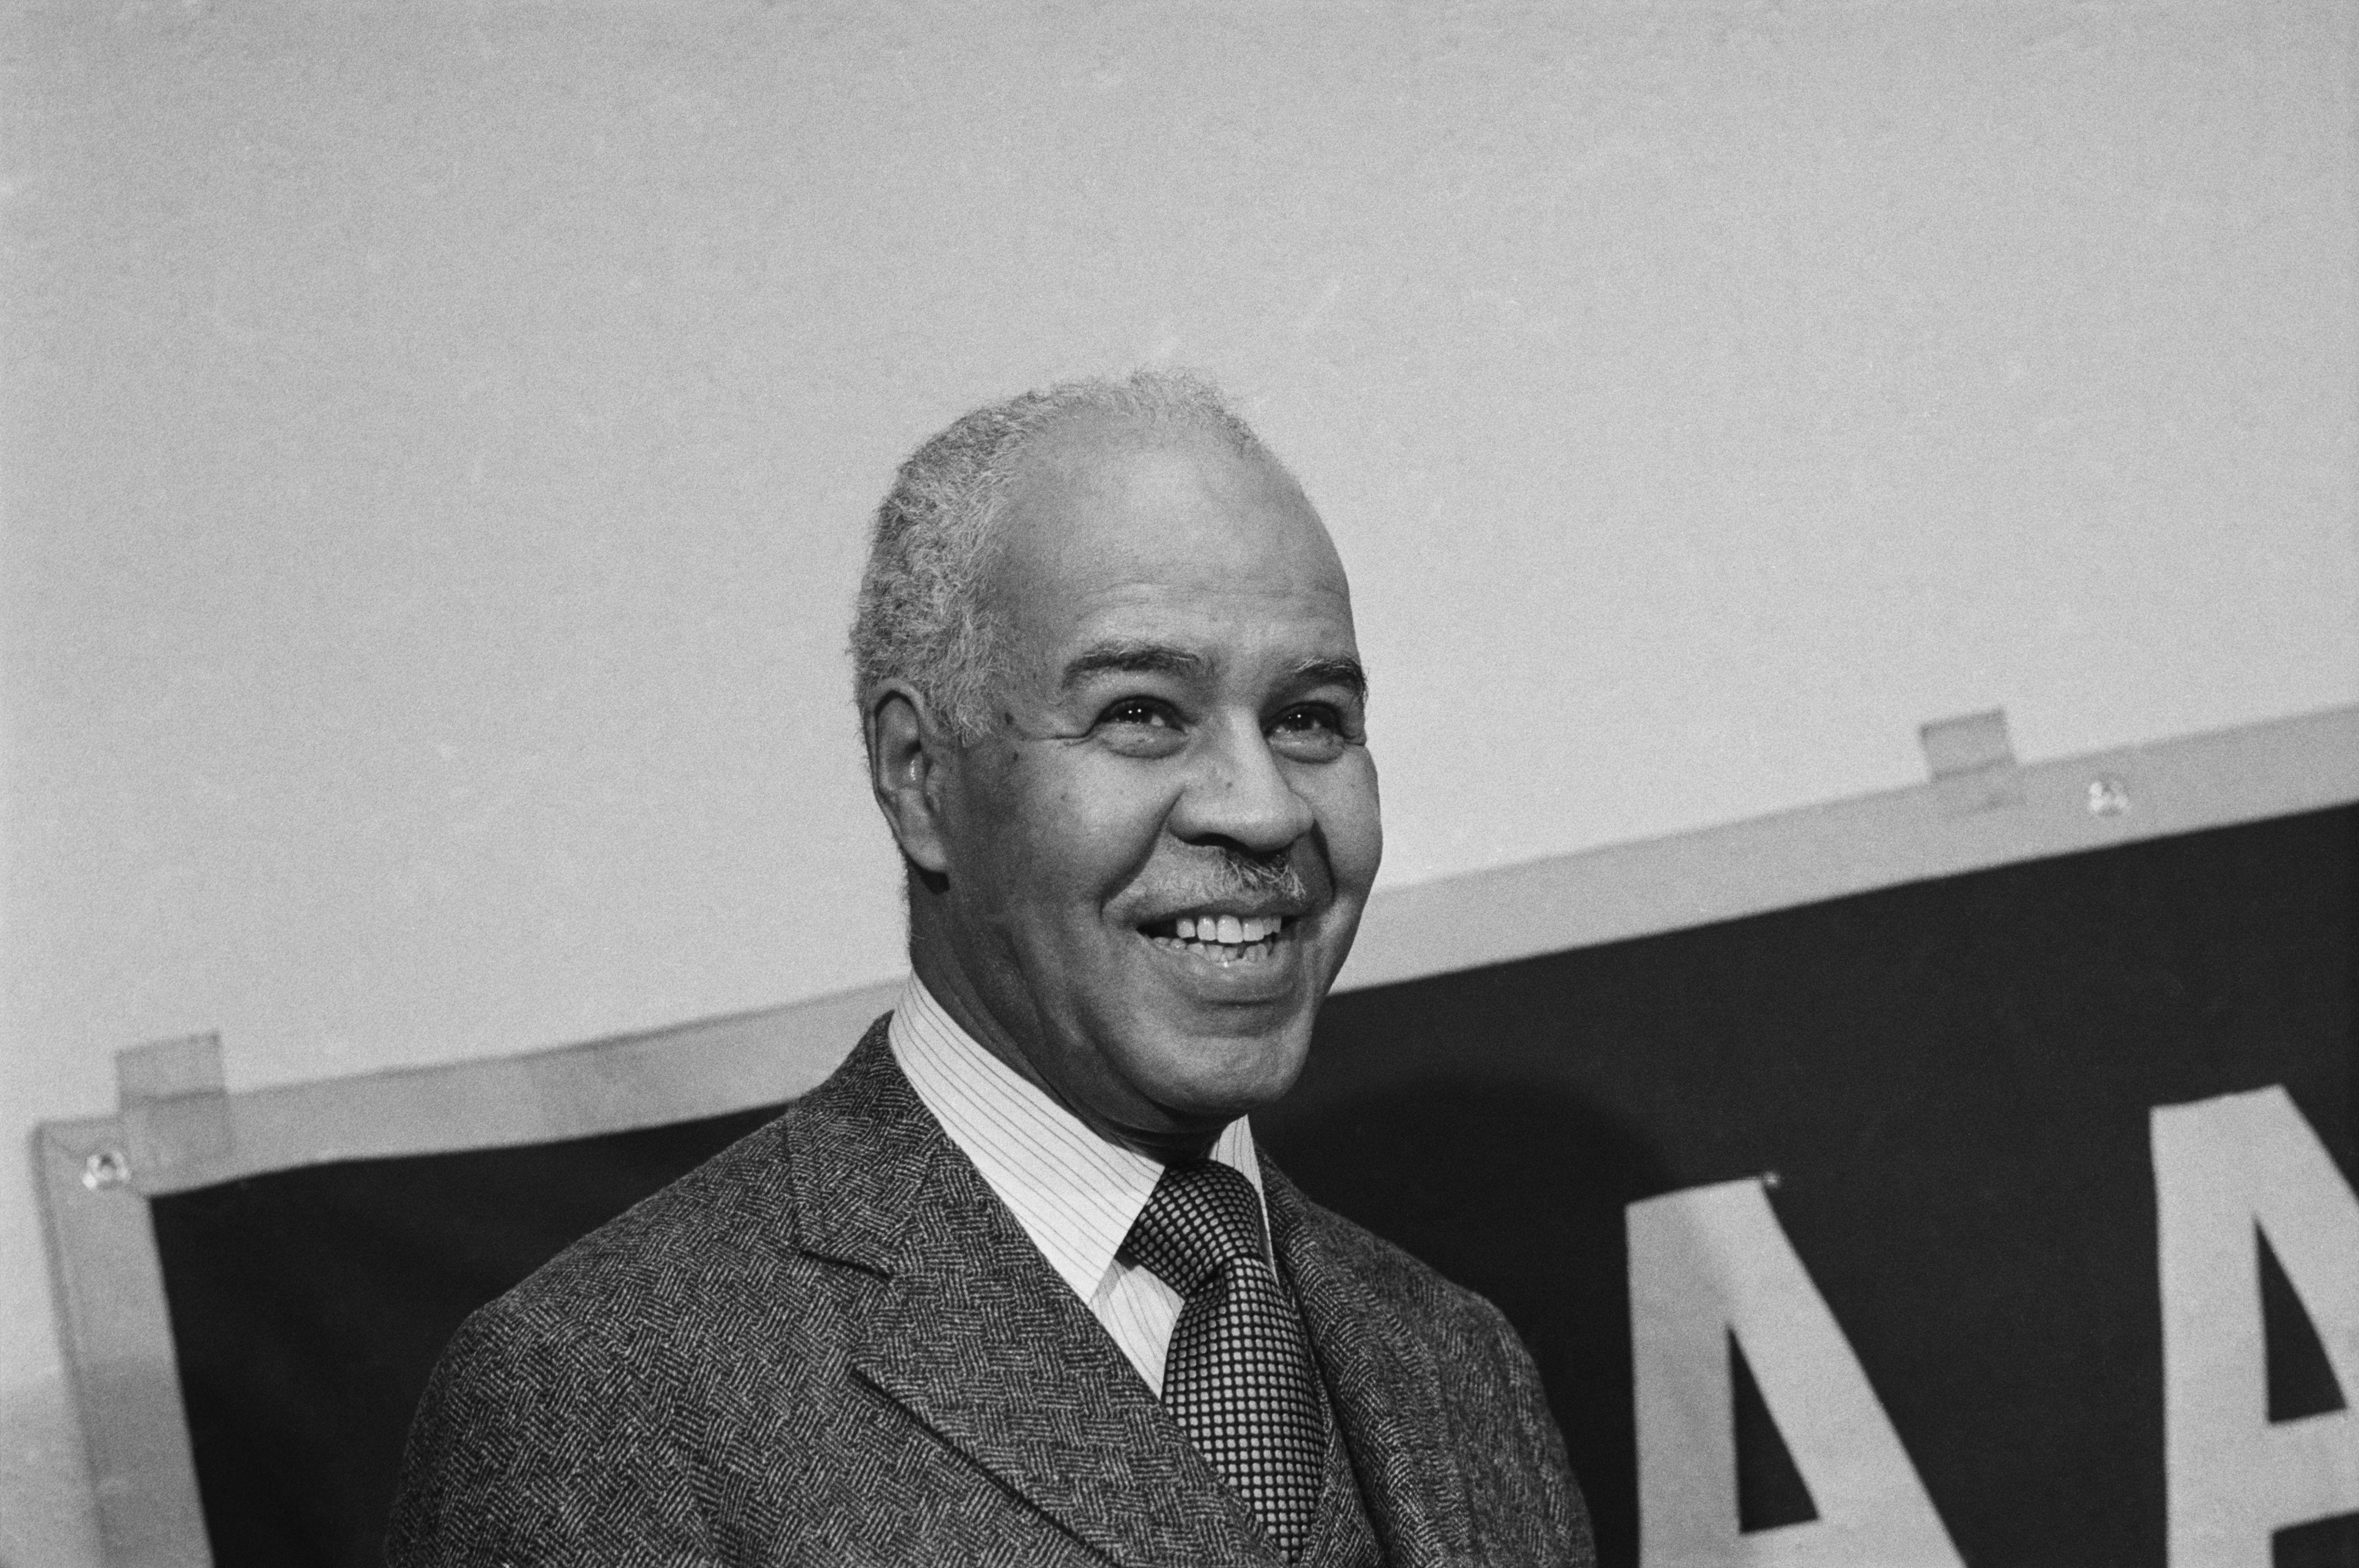 NAACP Director Wilkins